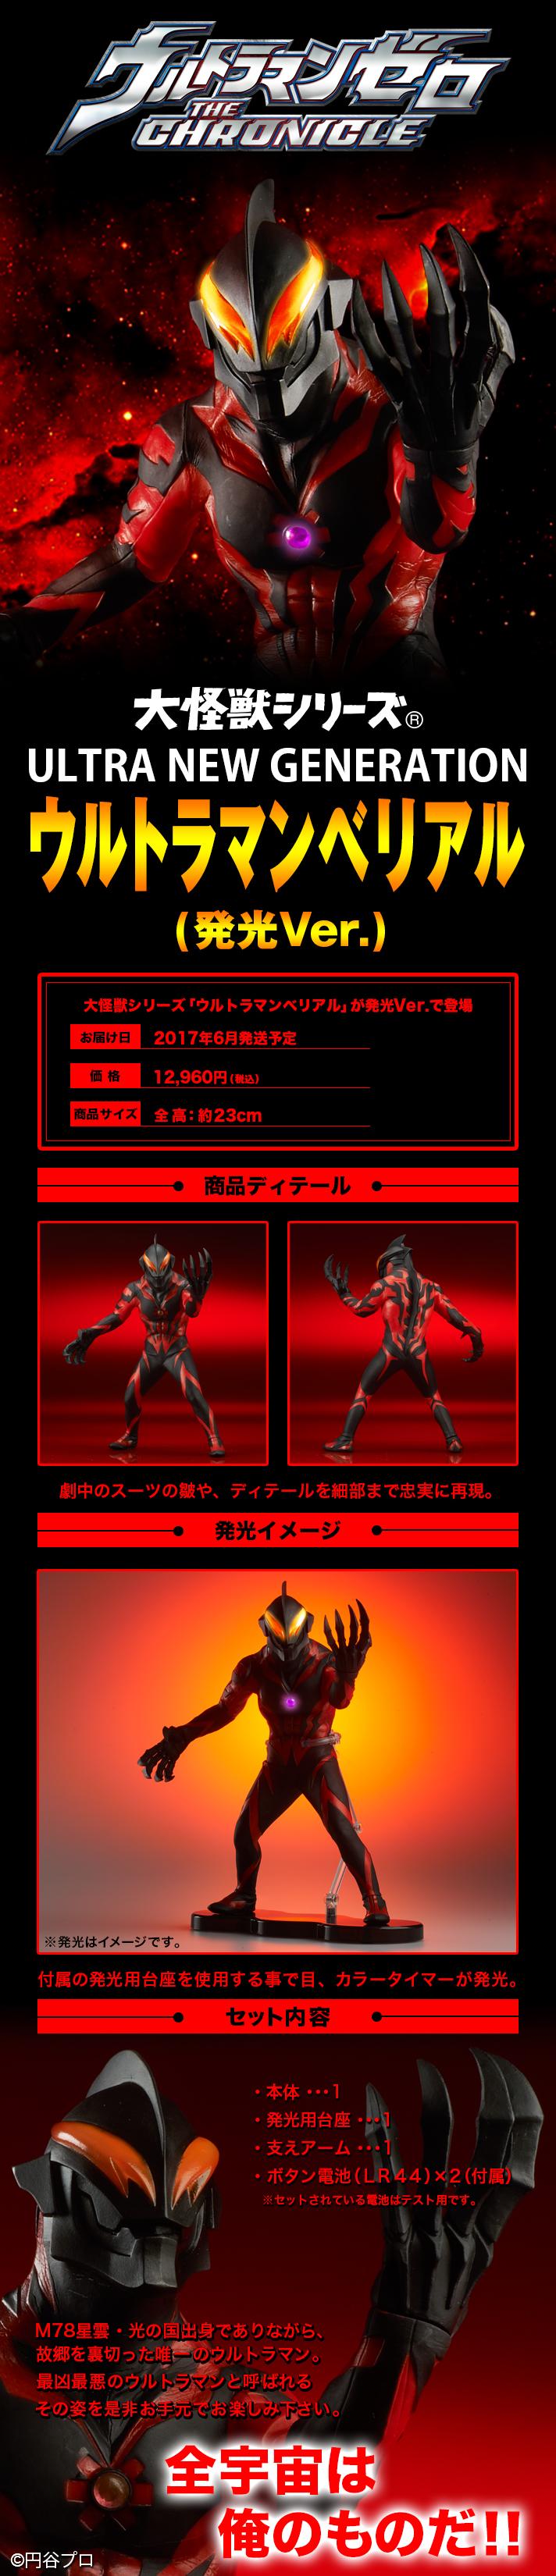 大怪獣シリーズ ULTRA NEW GENERATION ウルトラマンベリアル 発光Ver【送料無料】ex48